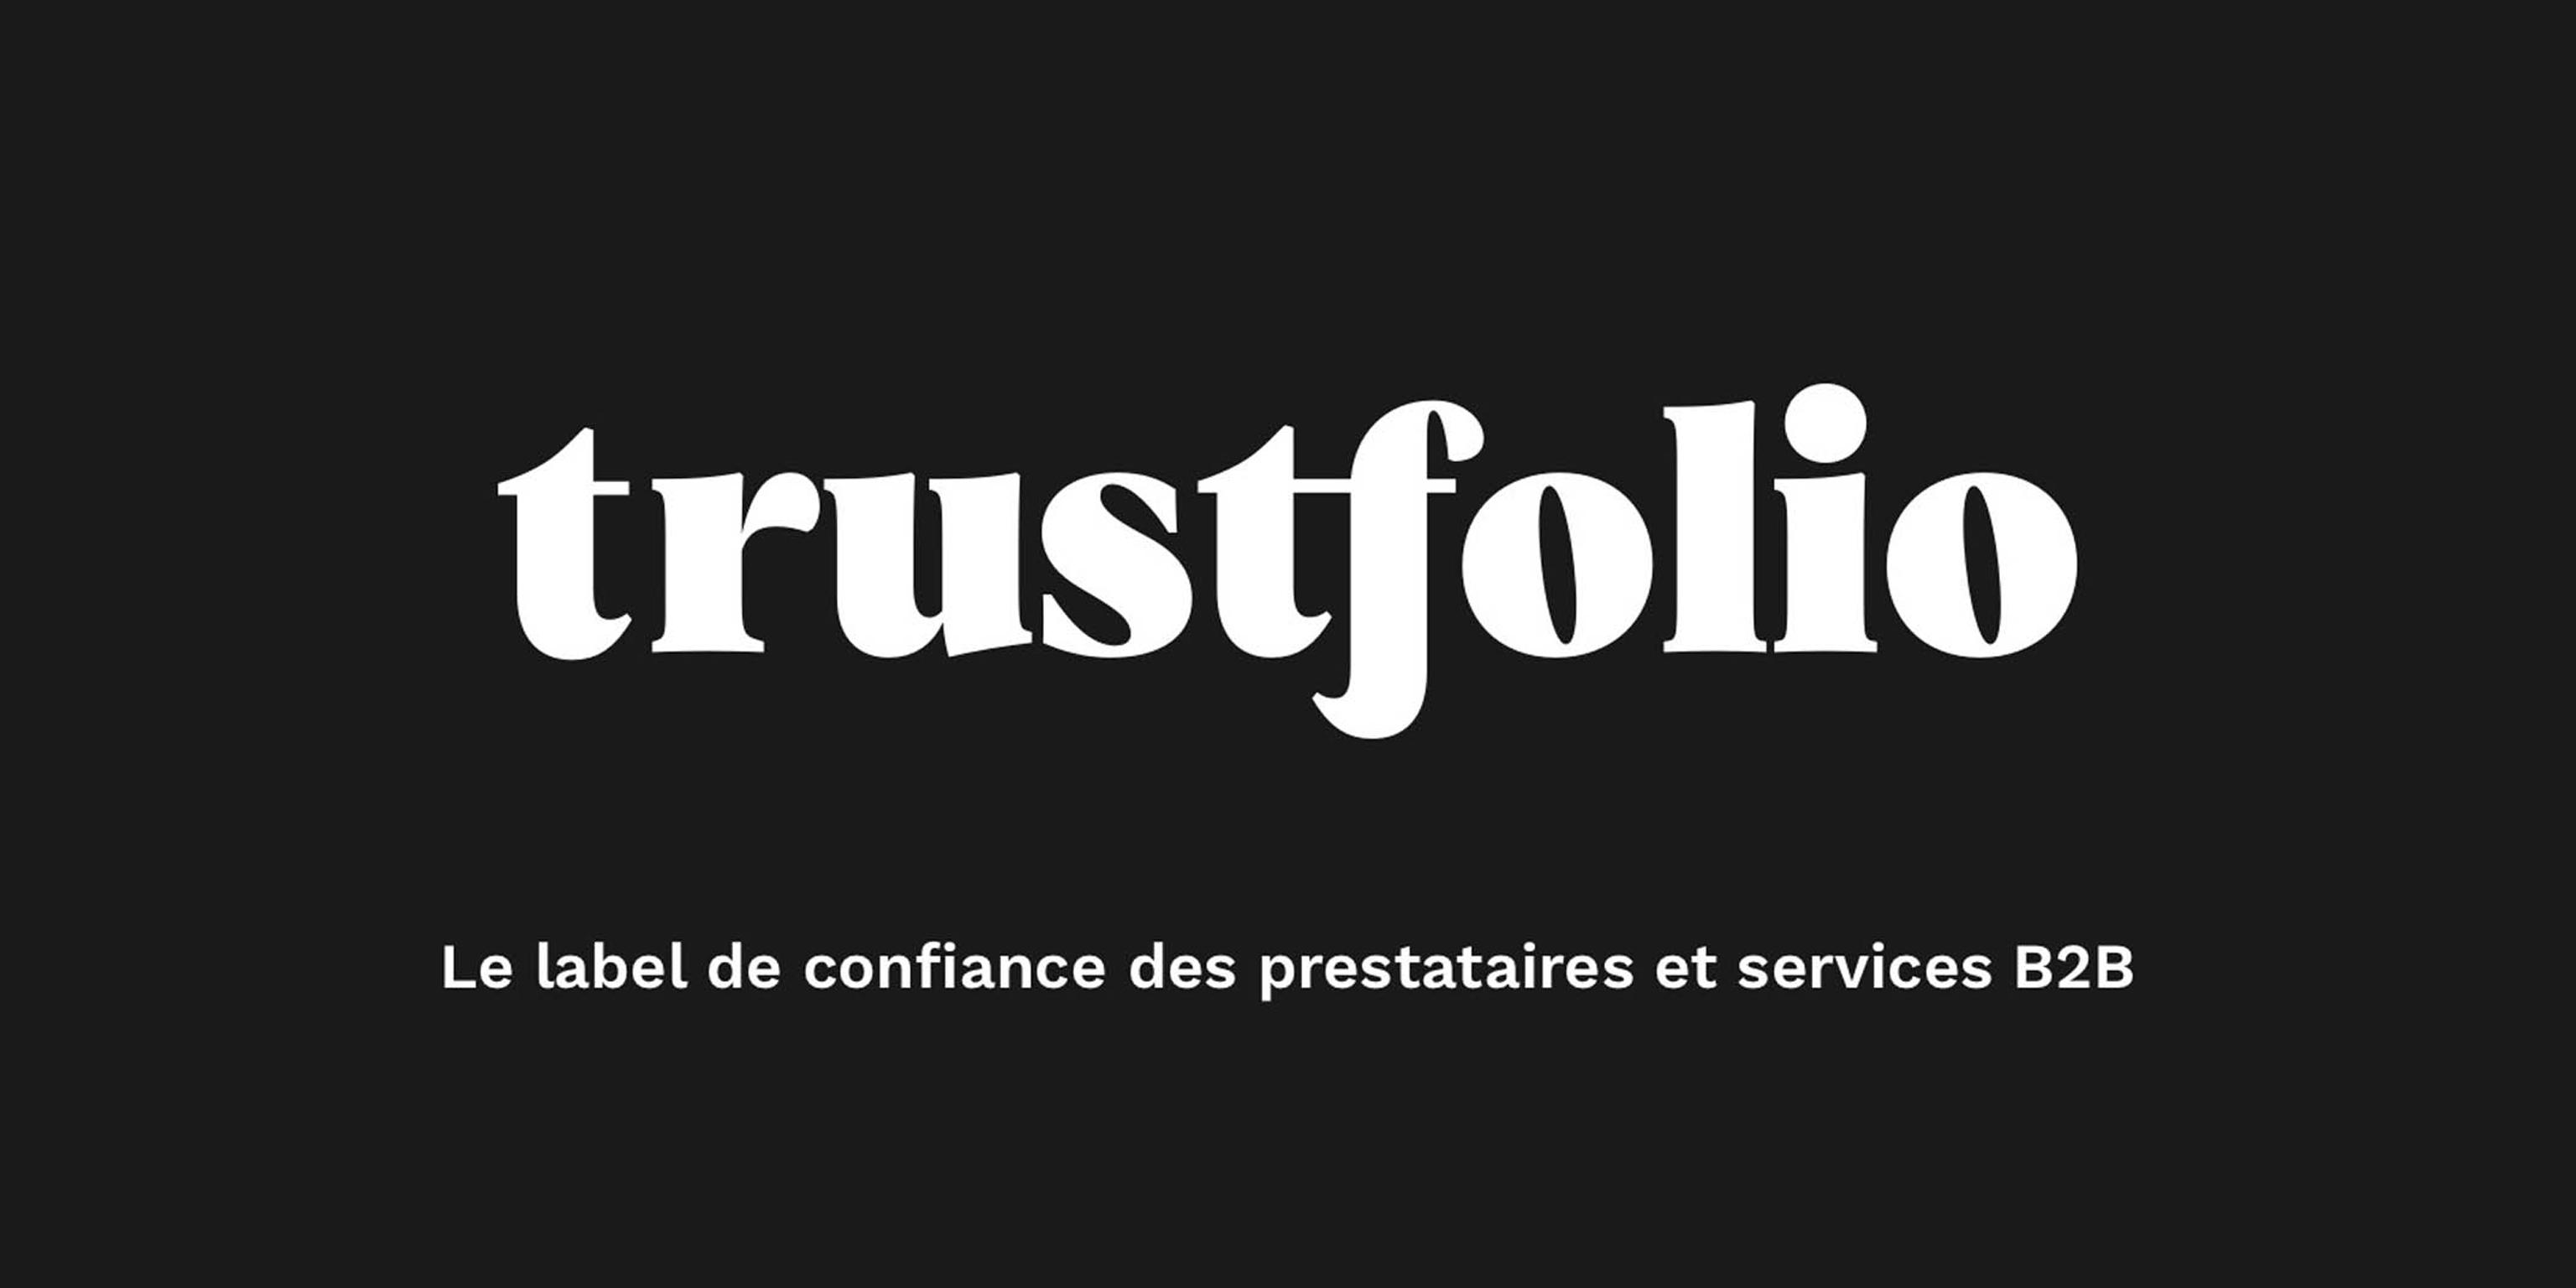 Nos clients nous recommandent avec Trustfolio